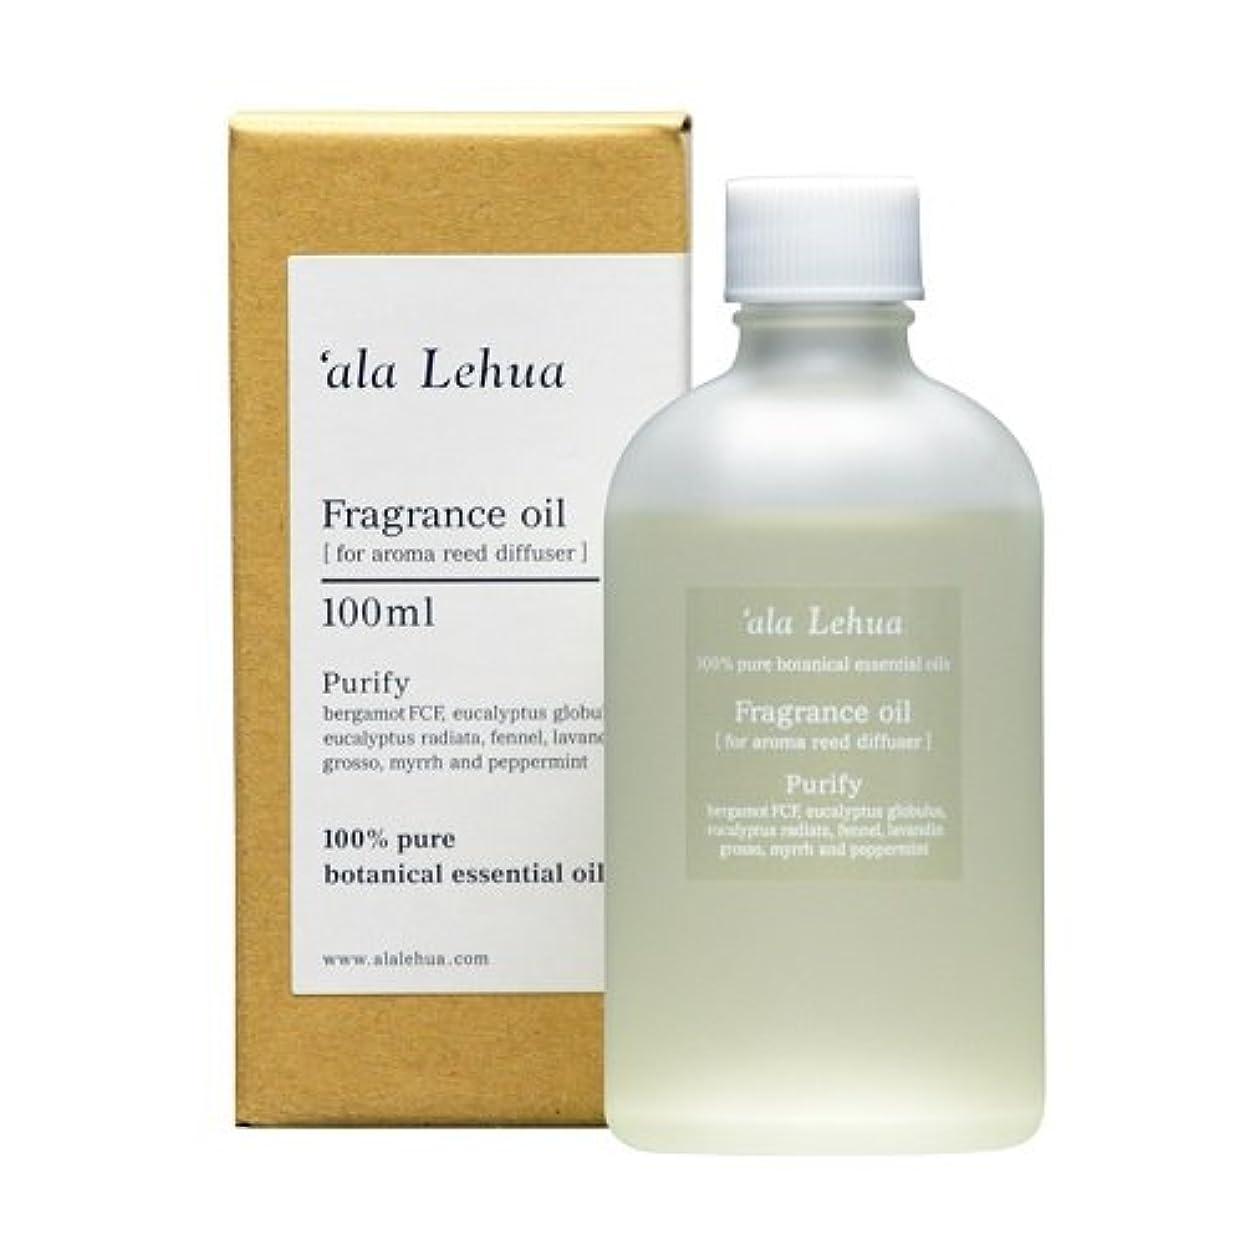 吸う熟達した失速フレーバーライフ(Flavor Life) `ala Lehua (アラレフア) アロマリードディフューザー フレグランスオイル 100ml purify(ピュリファイ)